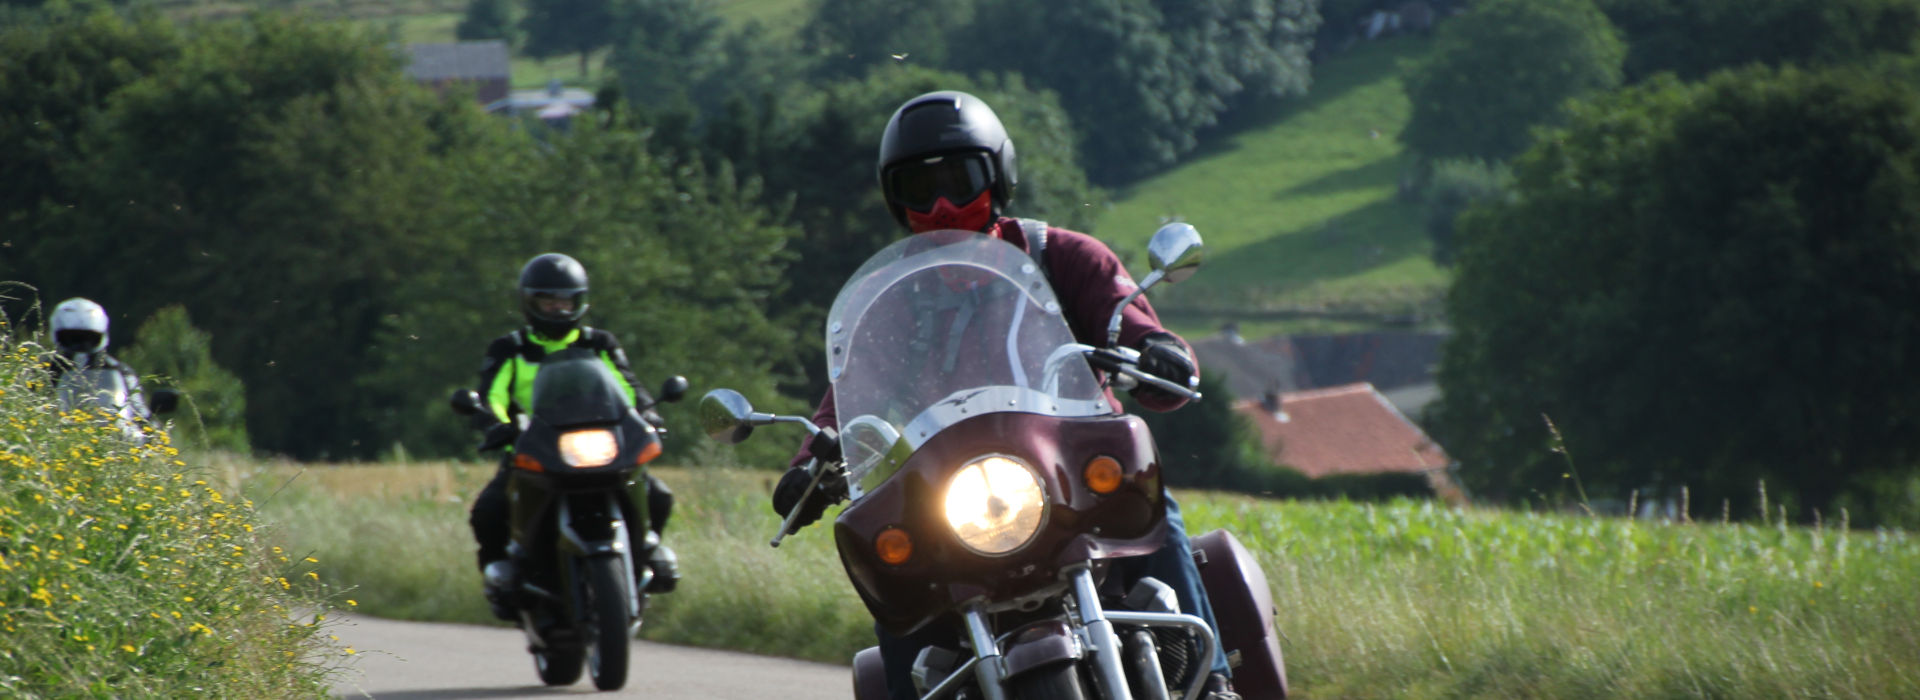 Motorrijbewijspoint Best snel motorrijbewijs halen